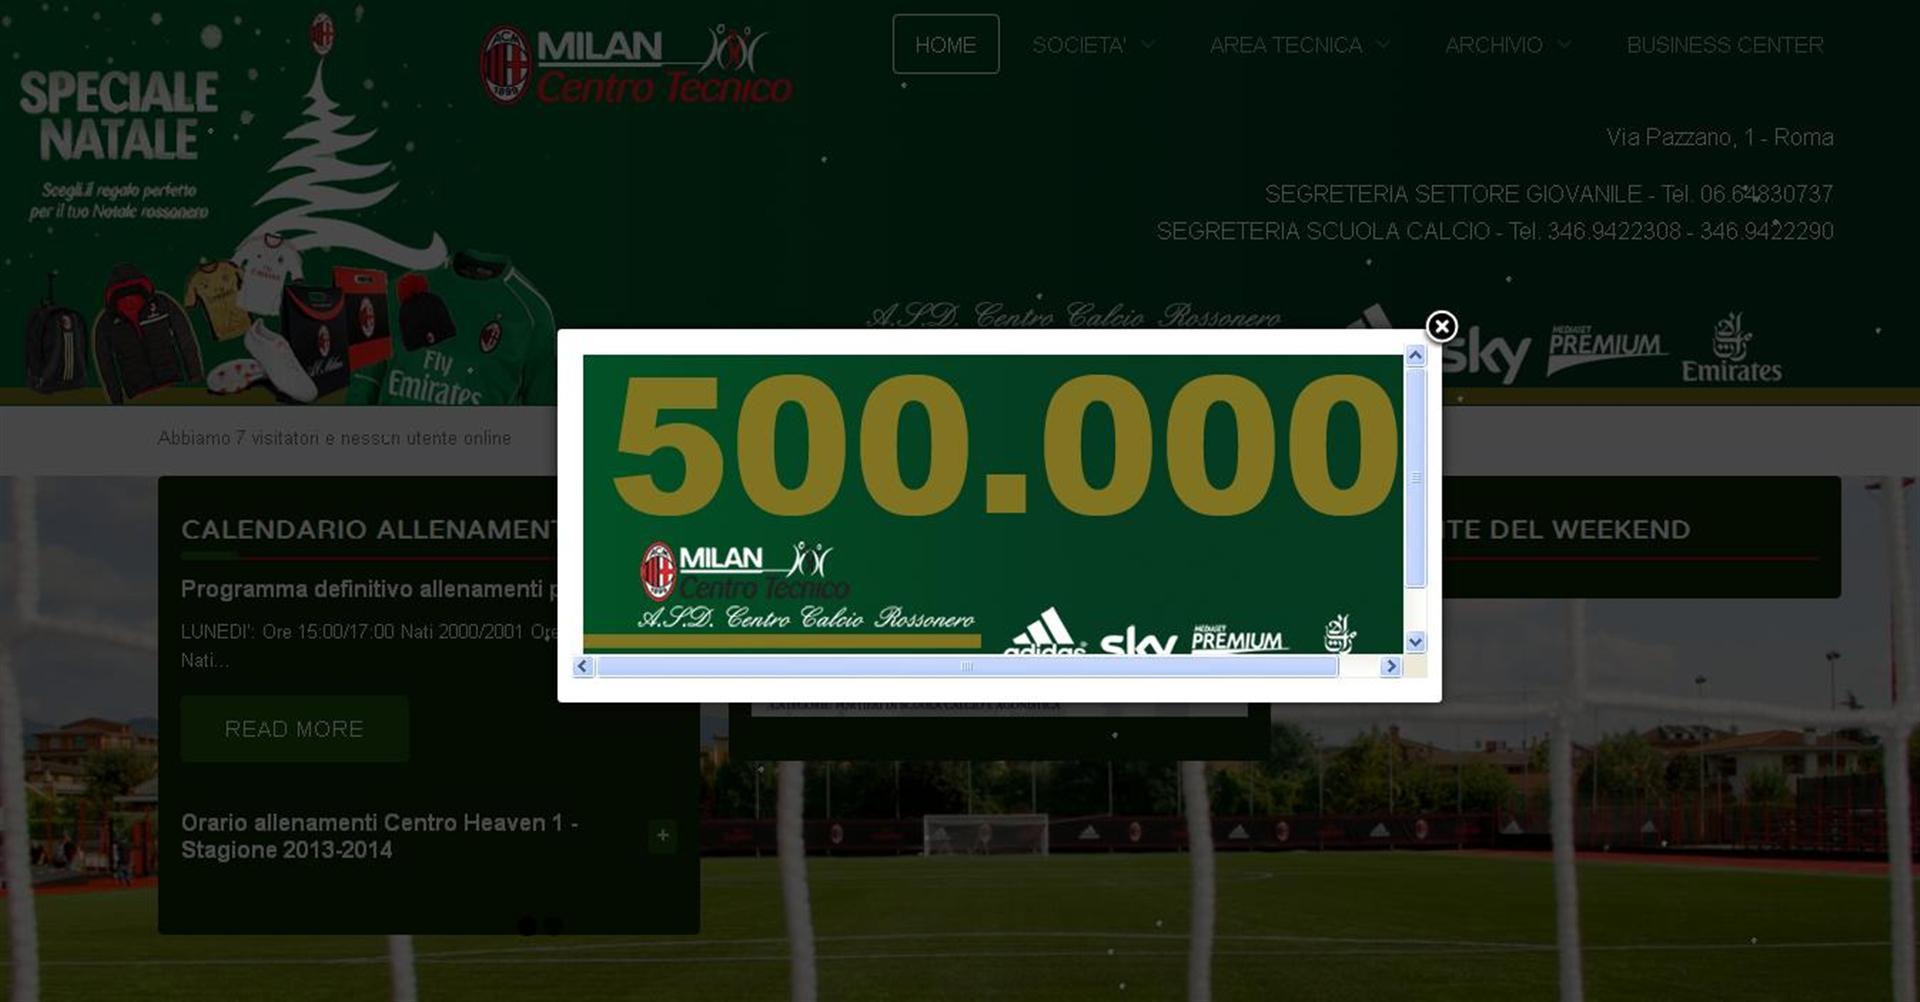 500mila contatti sito centro calcio rossonero